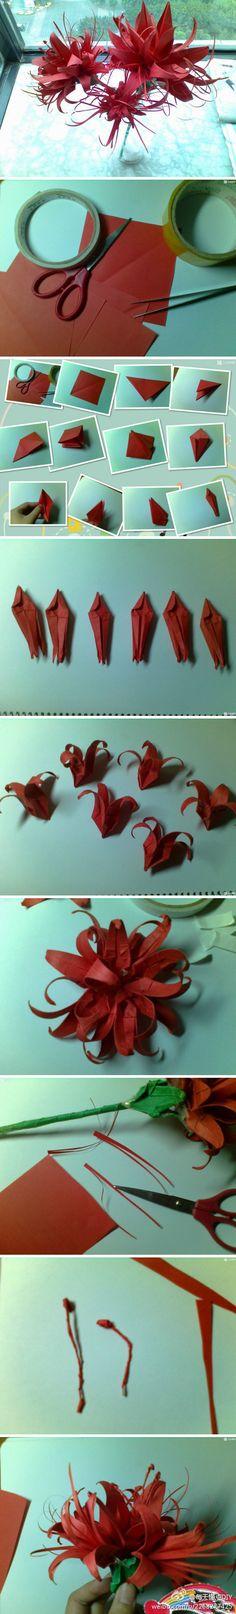 折纸花  -  Origami red paper flower DIY Tutorial craft Decor idea cool # FLOR DE PAPEL ROJA EXPLICACIONES MANUALIDAD PAPIROFLEXIA DECORACION ELEGANTE LINDA